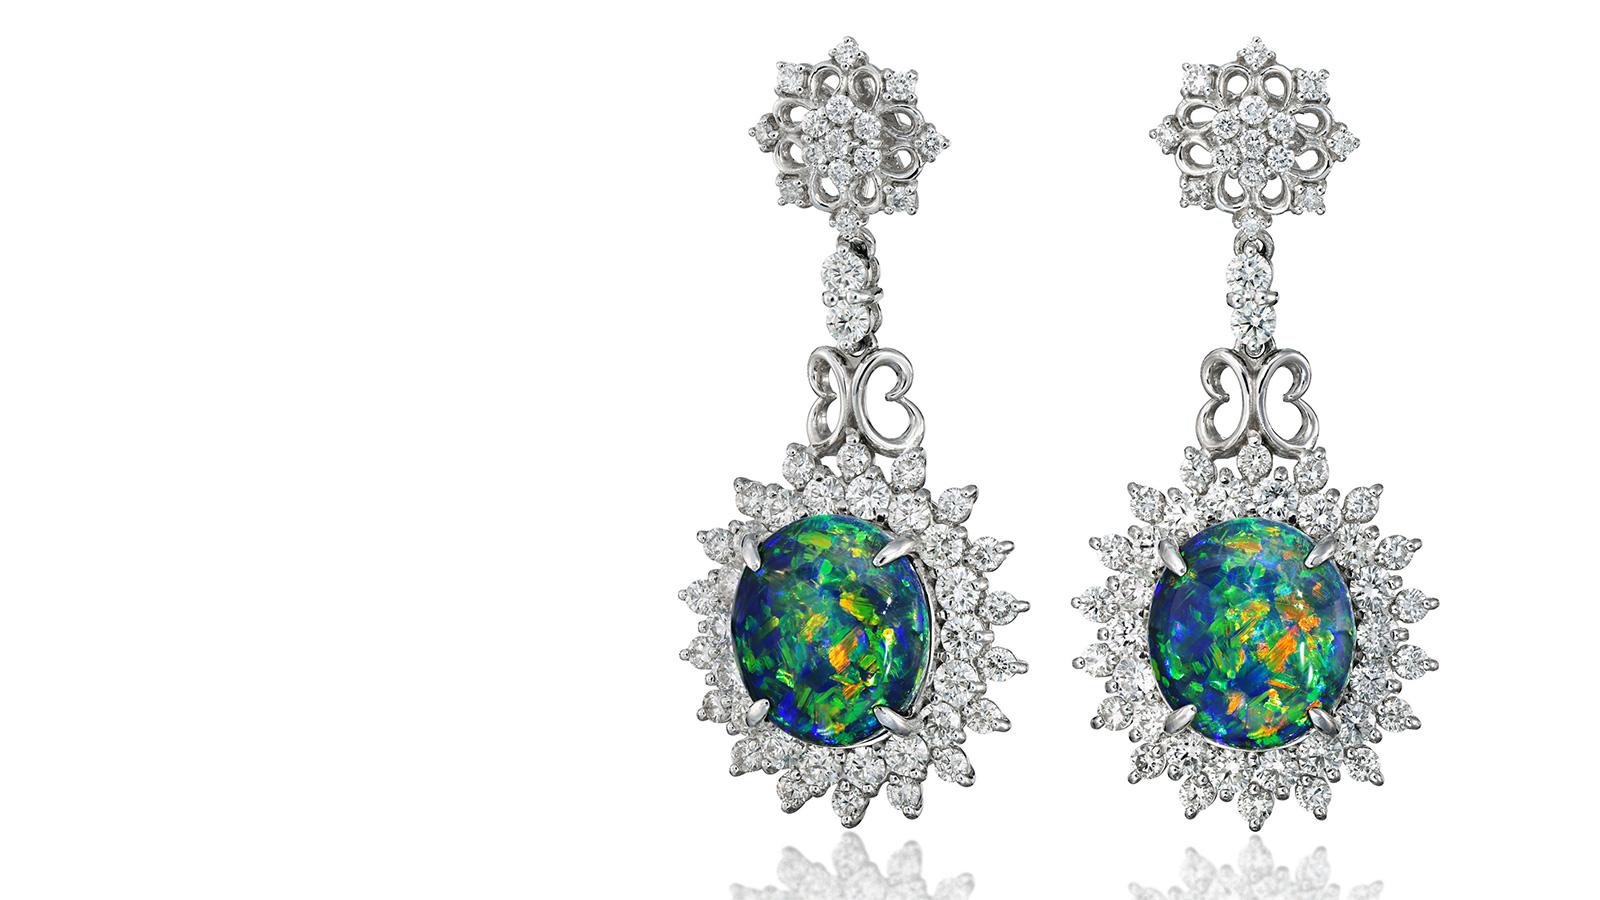 オパールのダイヤモンドピアス フォトスタジオISのトップページ画像